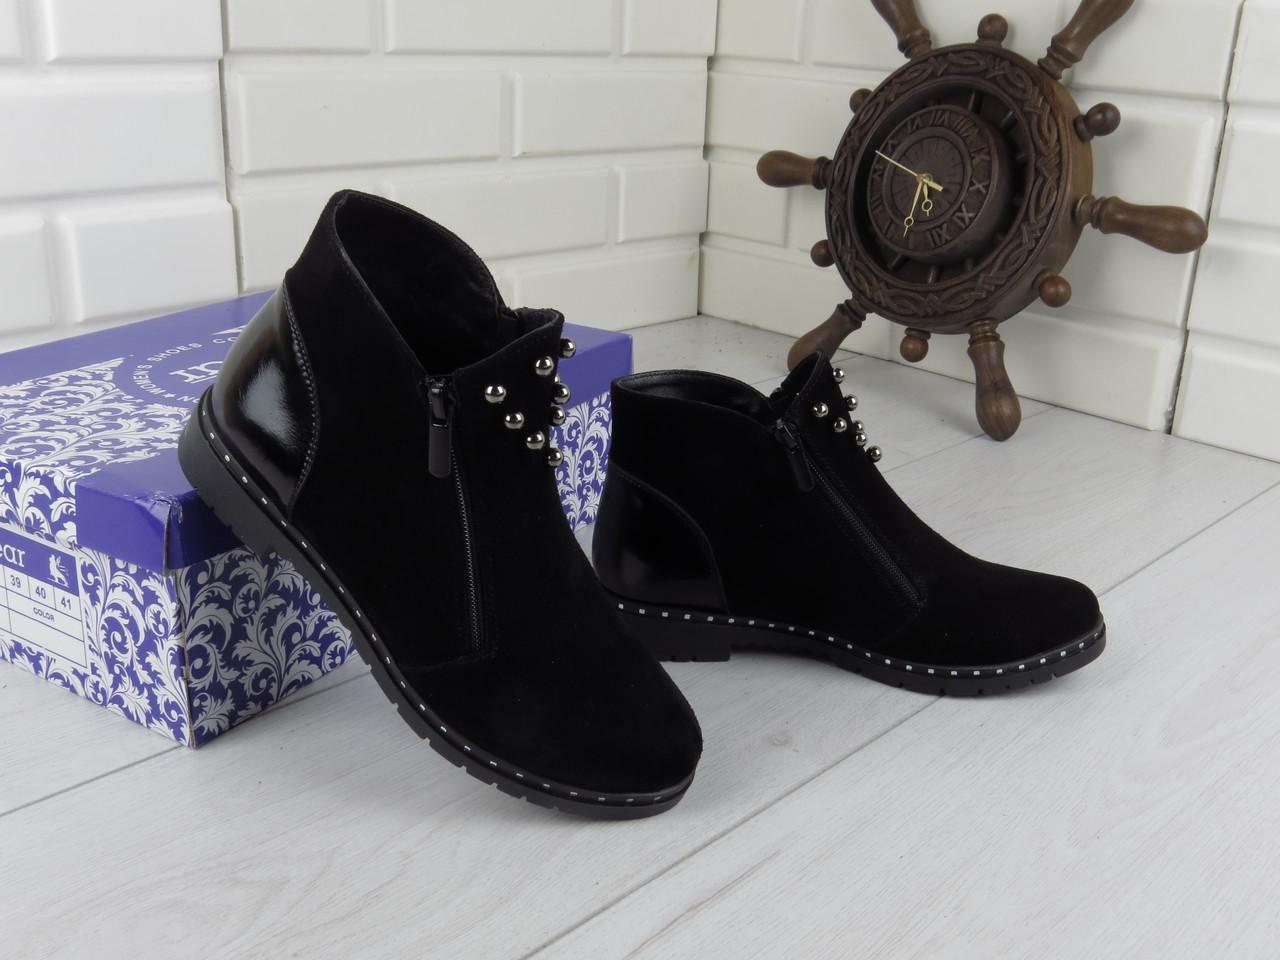 """Ботинки, ботильоны, черные """"Franko"""" НАТУРАЛЬНАЯ ЗАМША, демисезонная, качественная,  повседневная обувь"""